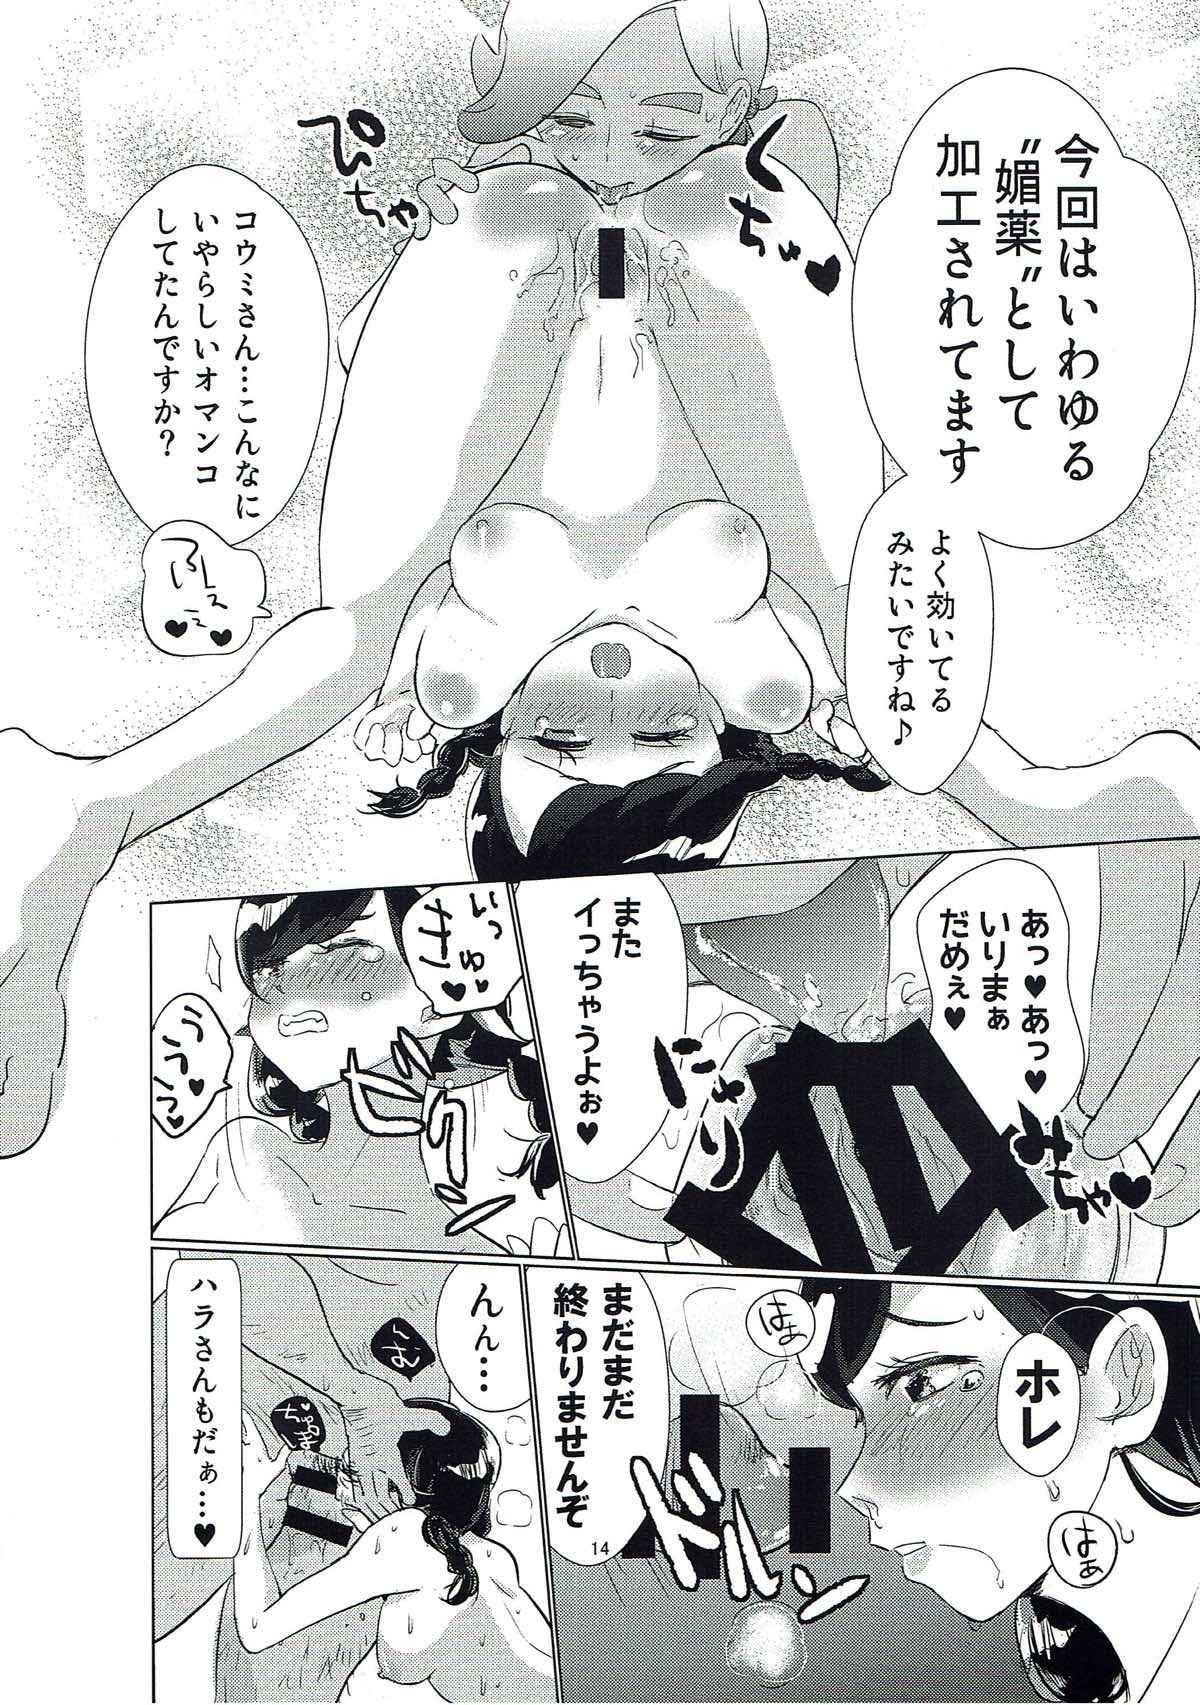 Koumi no Maramarasai Daikikou 12